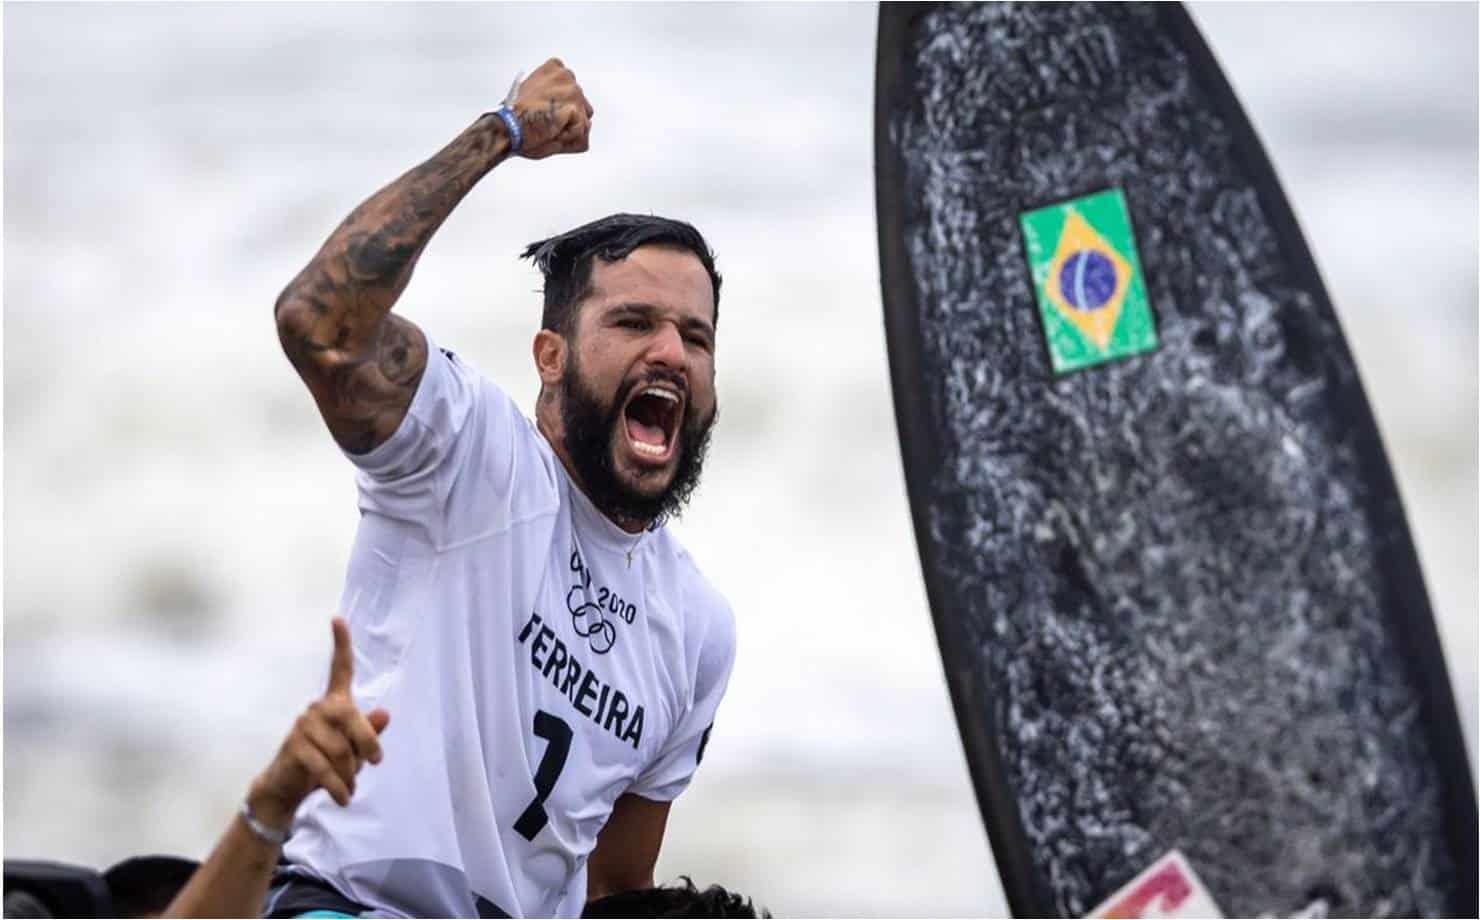 Olimpíadas: Ítalo Ferreira é ouro e 1º campeão olímpico no surfe